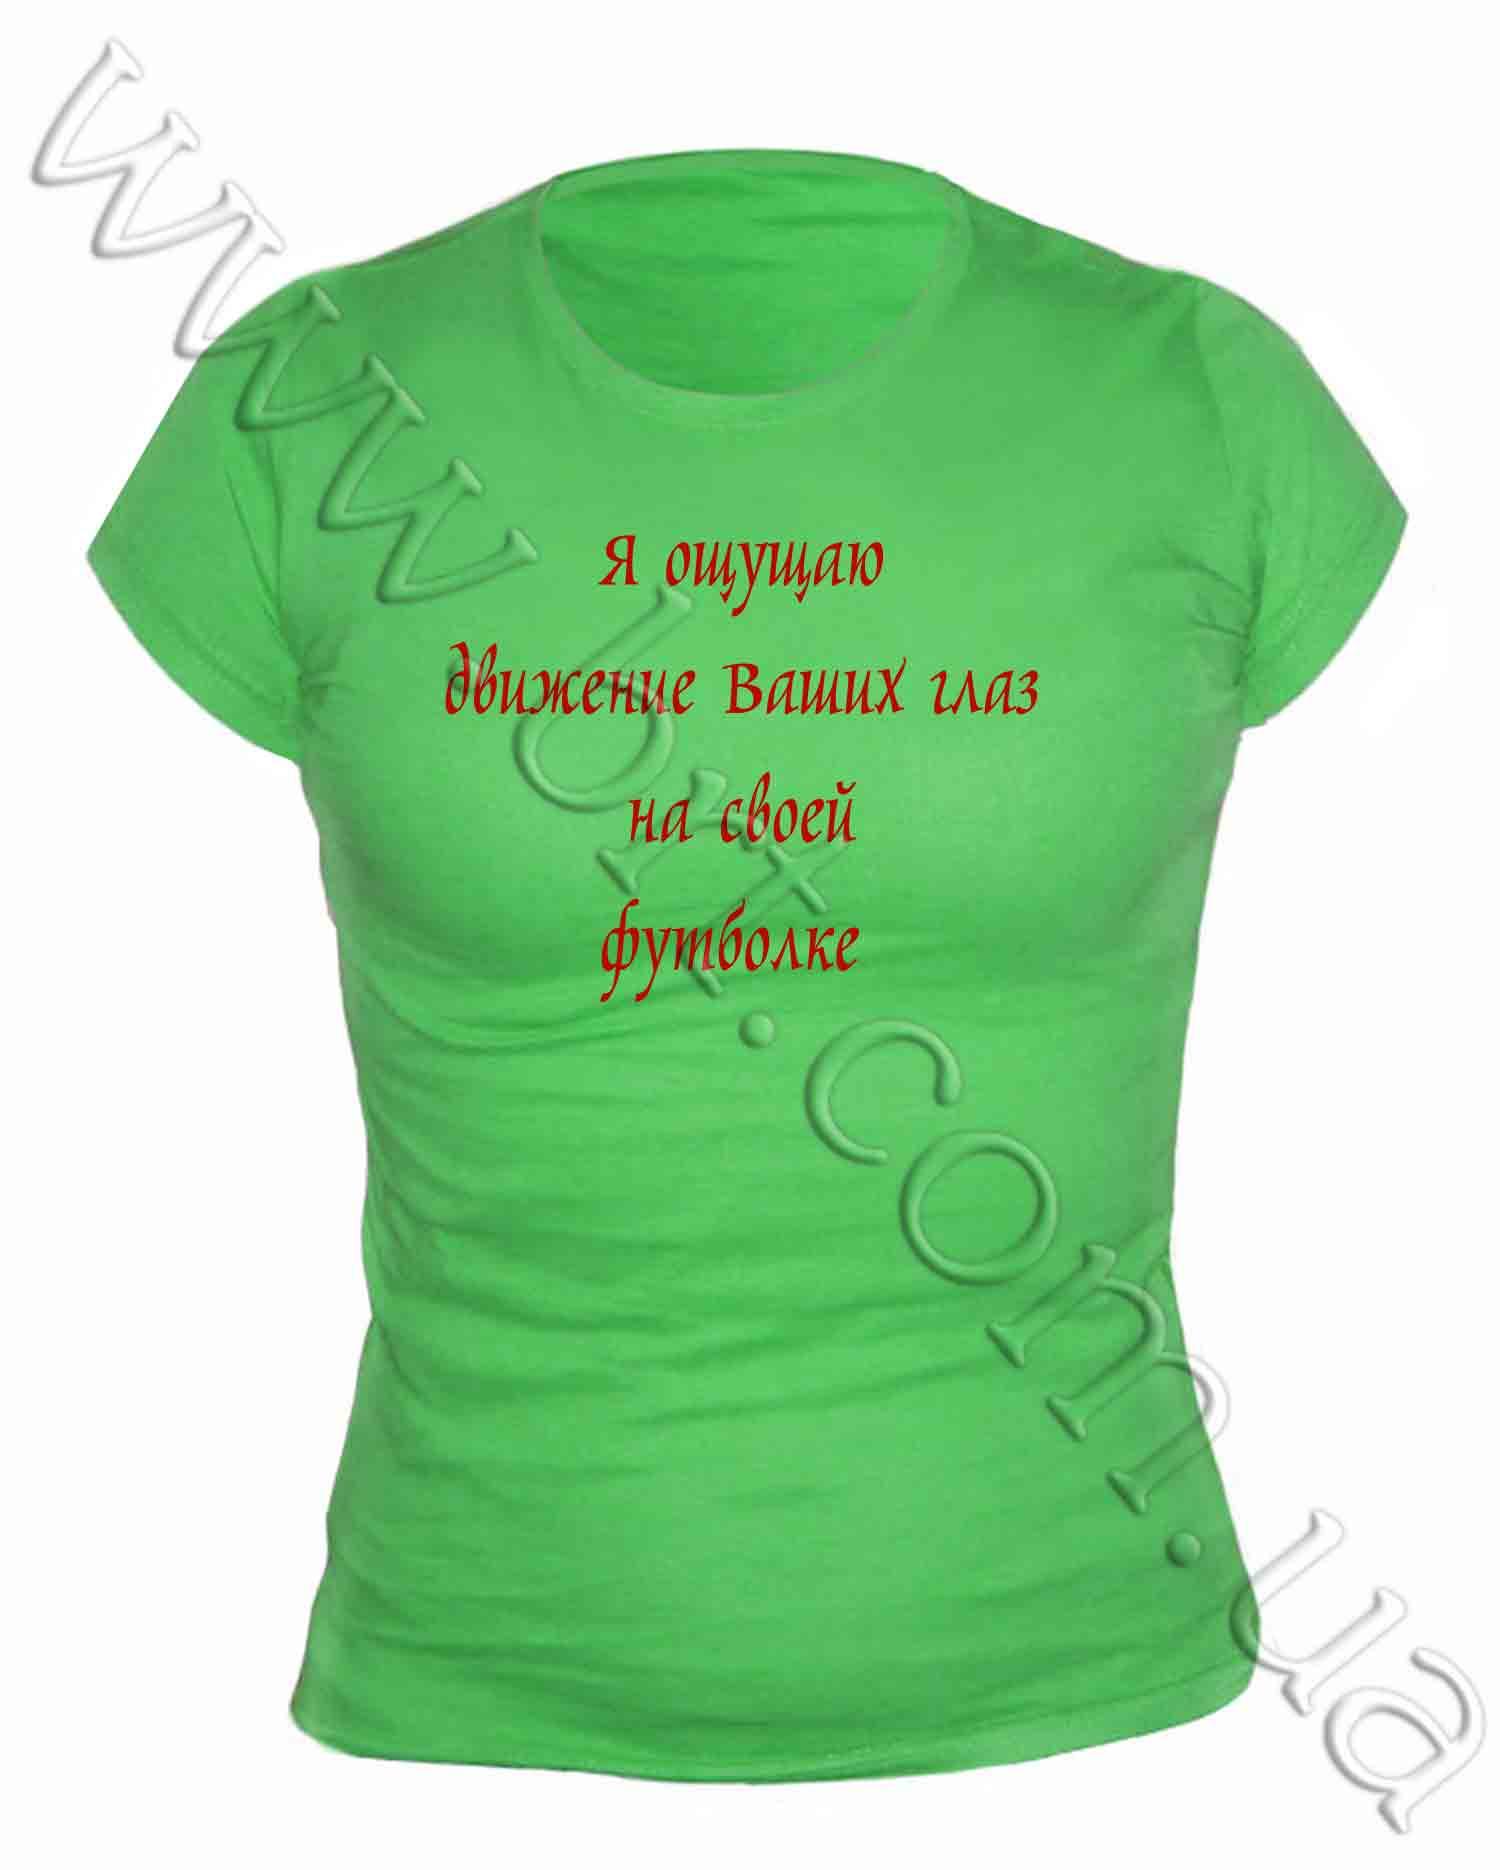 Прикольные надписи на футболках на